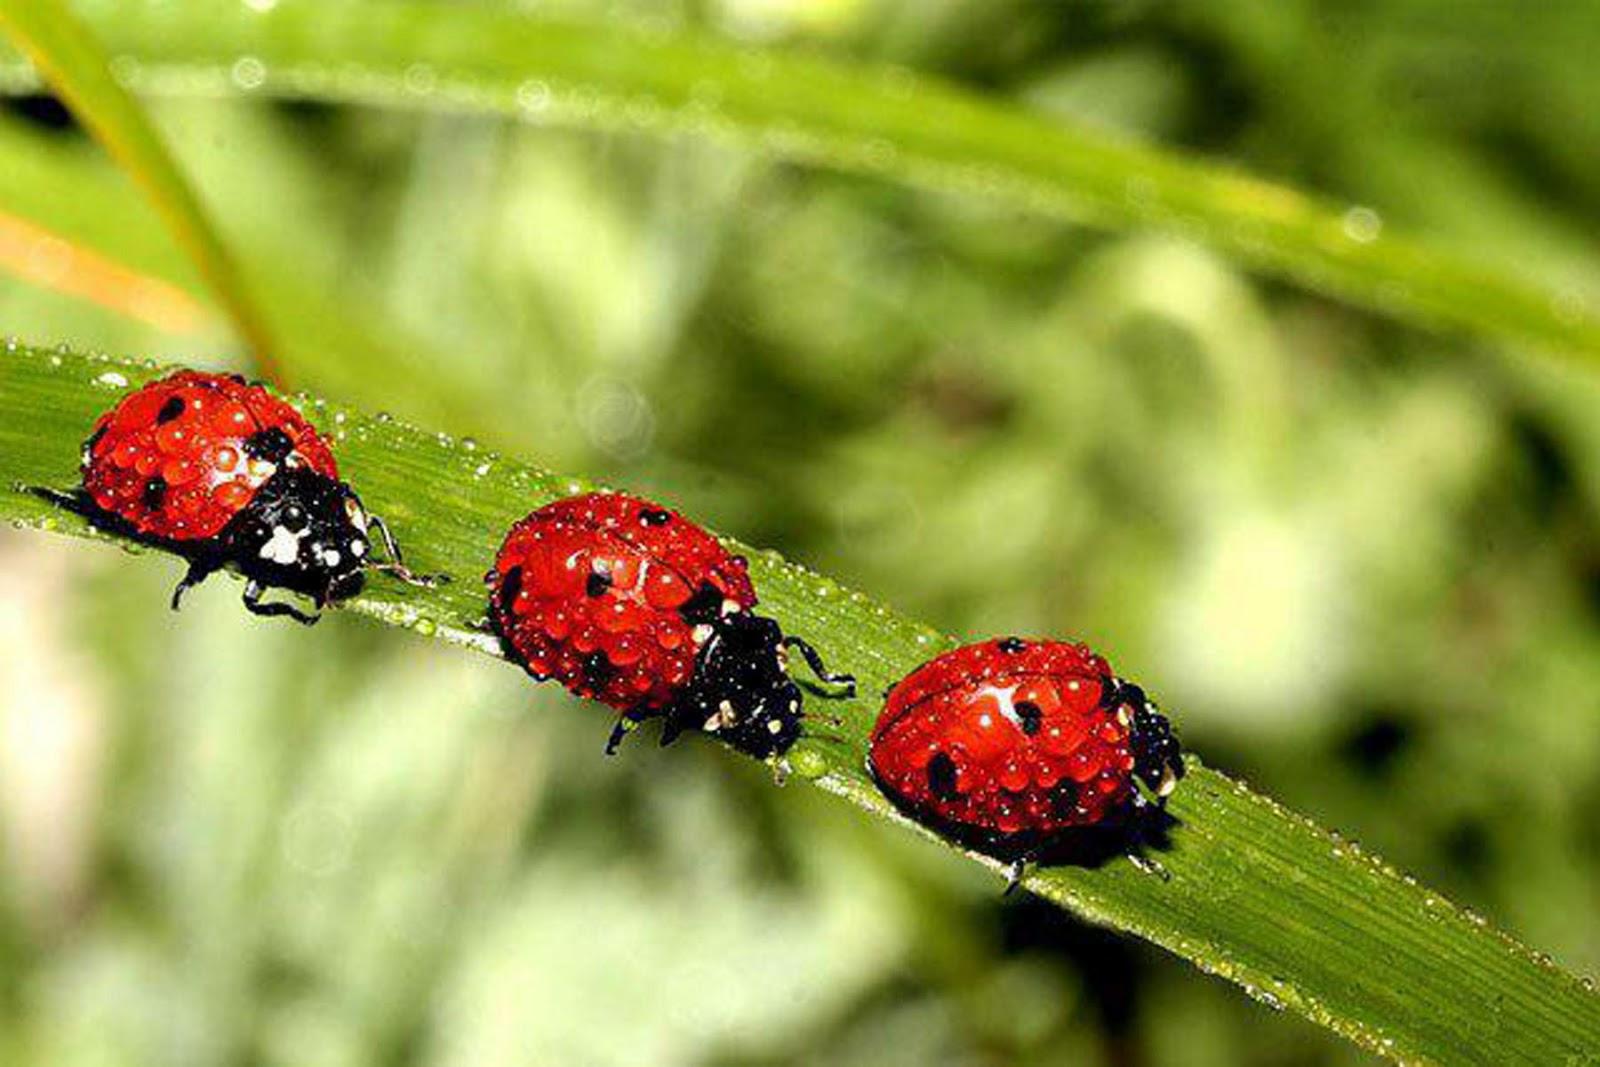 Lady Bugs That Look Wwwpicsbudcom